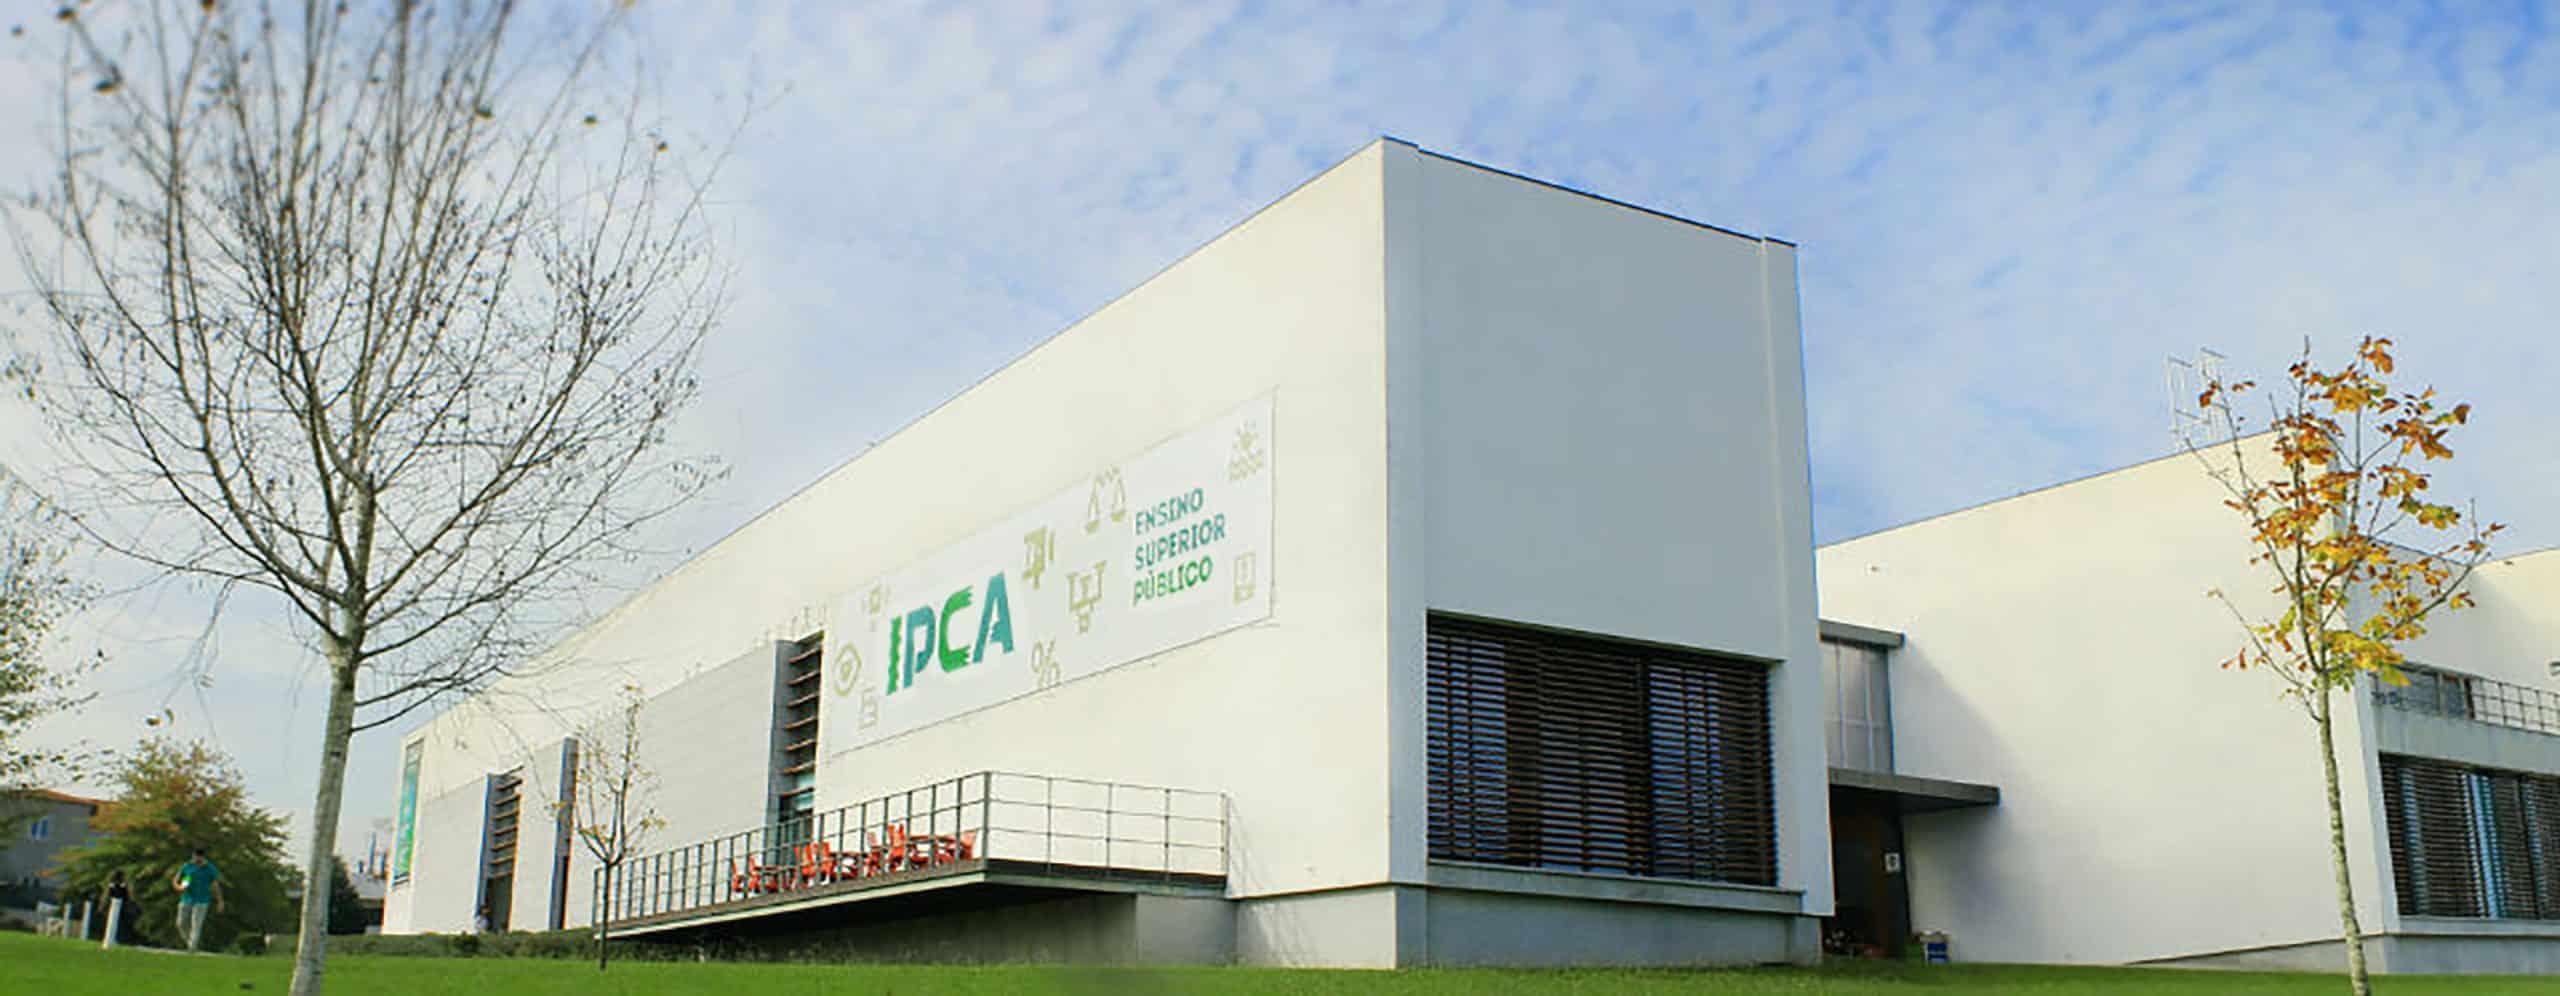 SISQUAL gana el concurso para el suministro de una solución de Control y Gestión de Asiduidad para IPCA